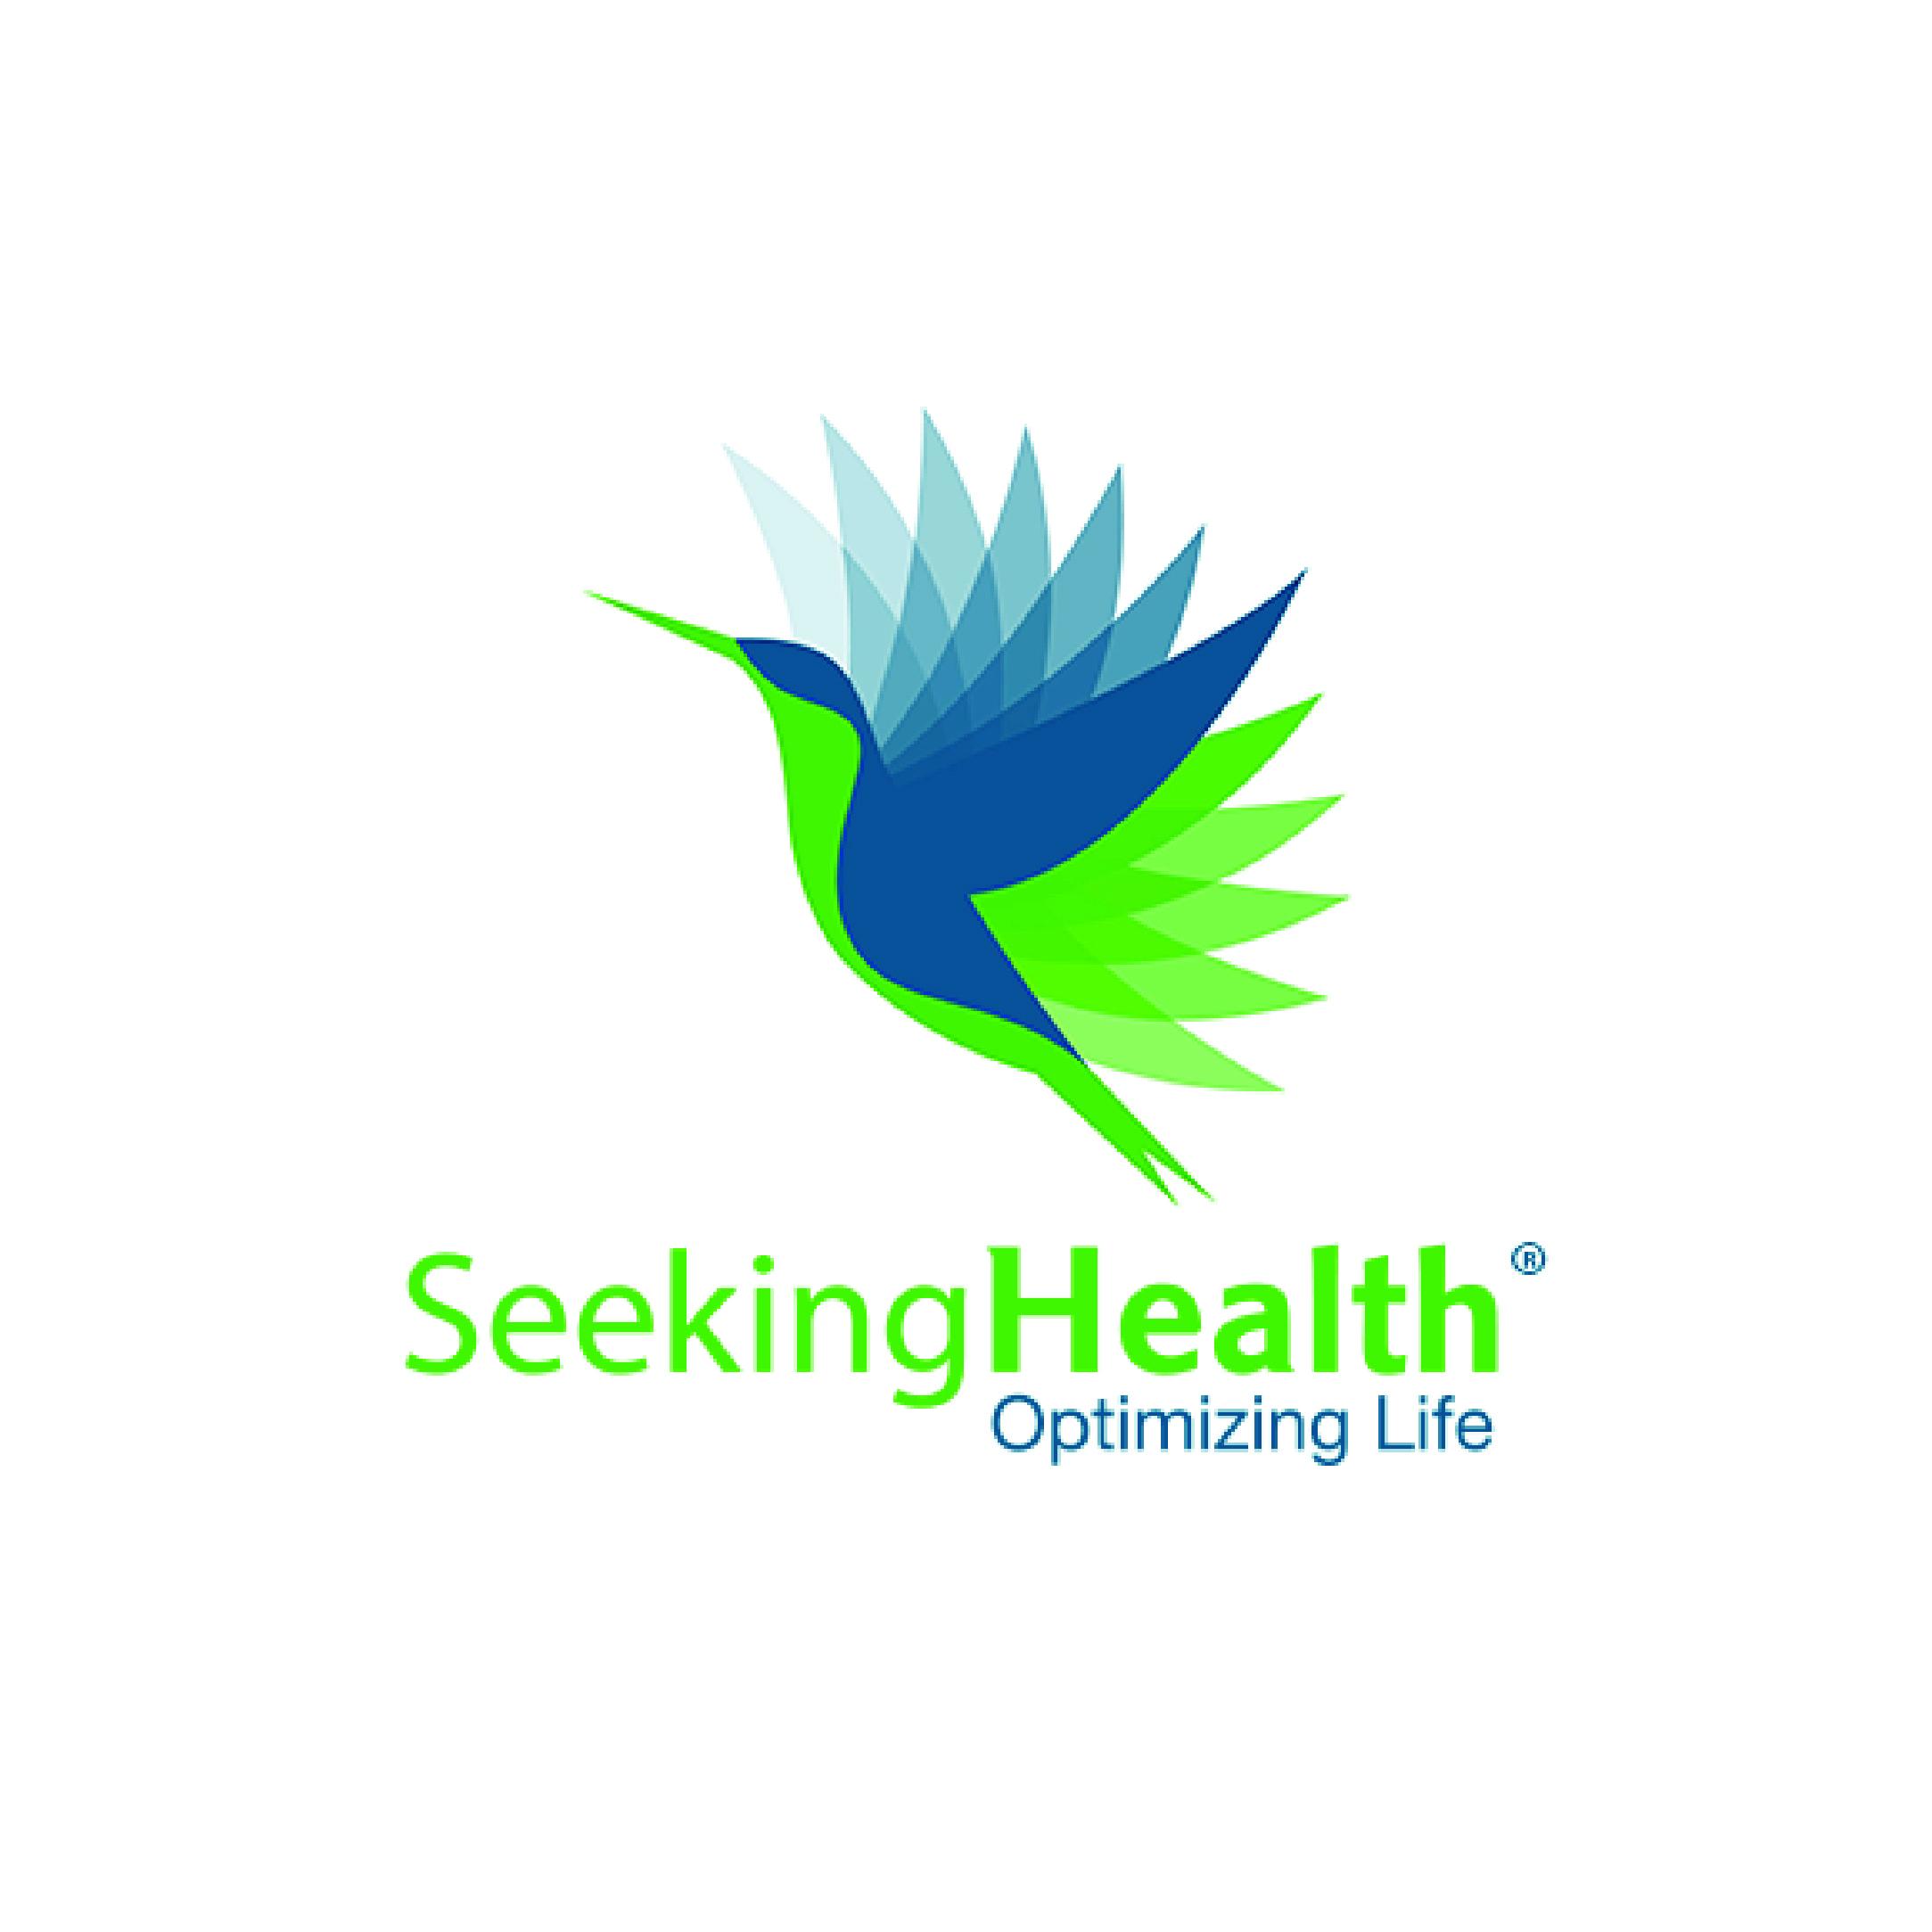 Seeking Health